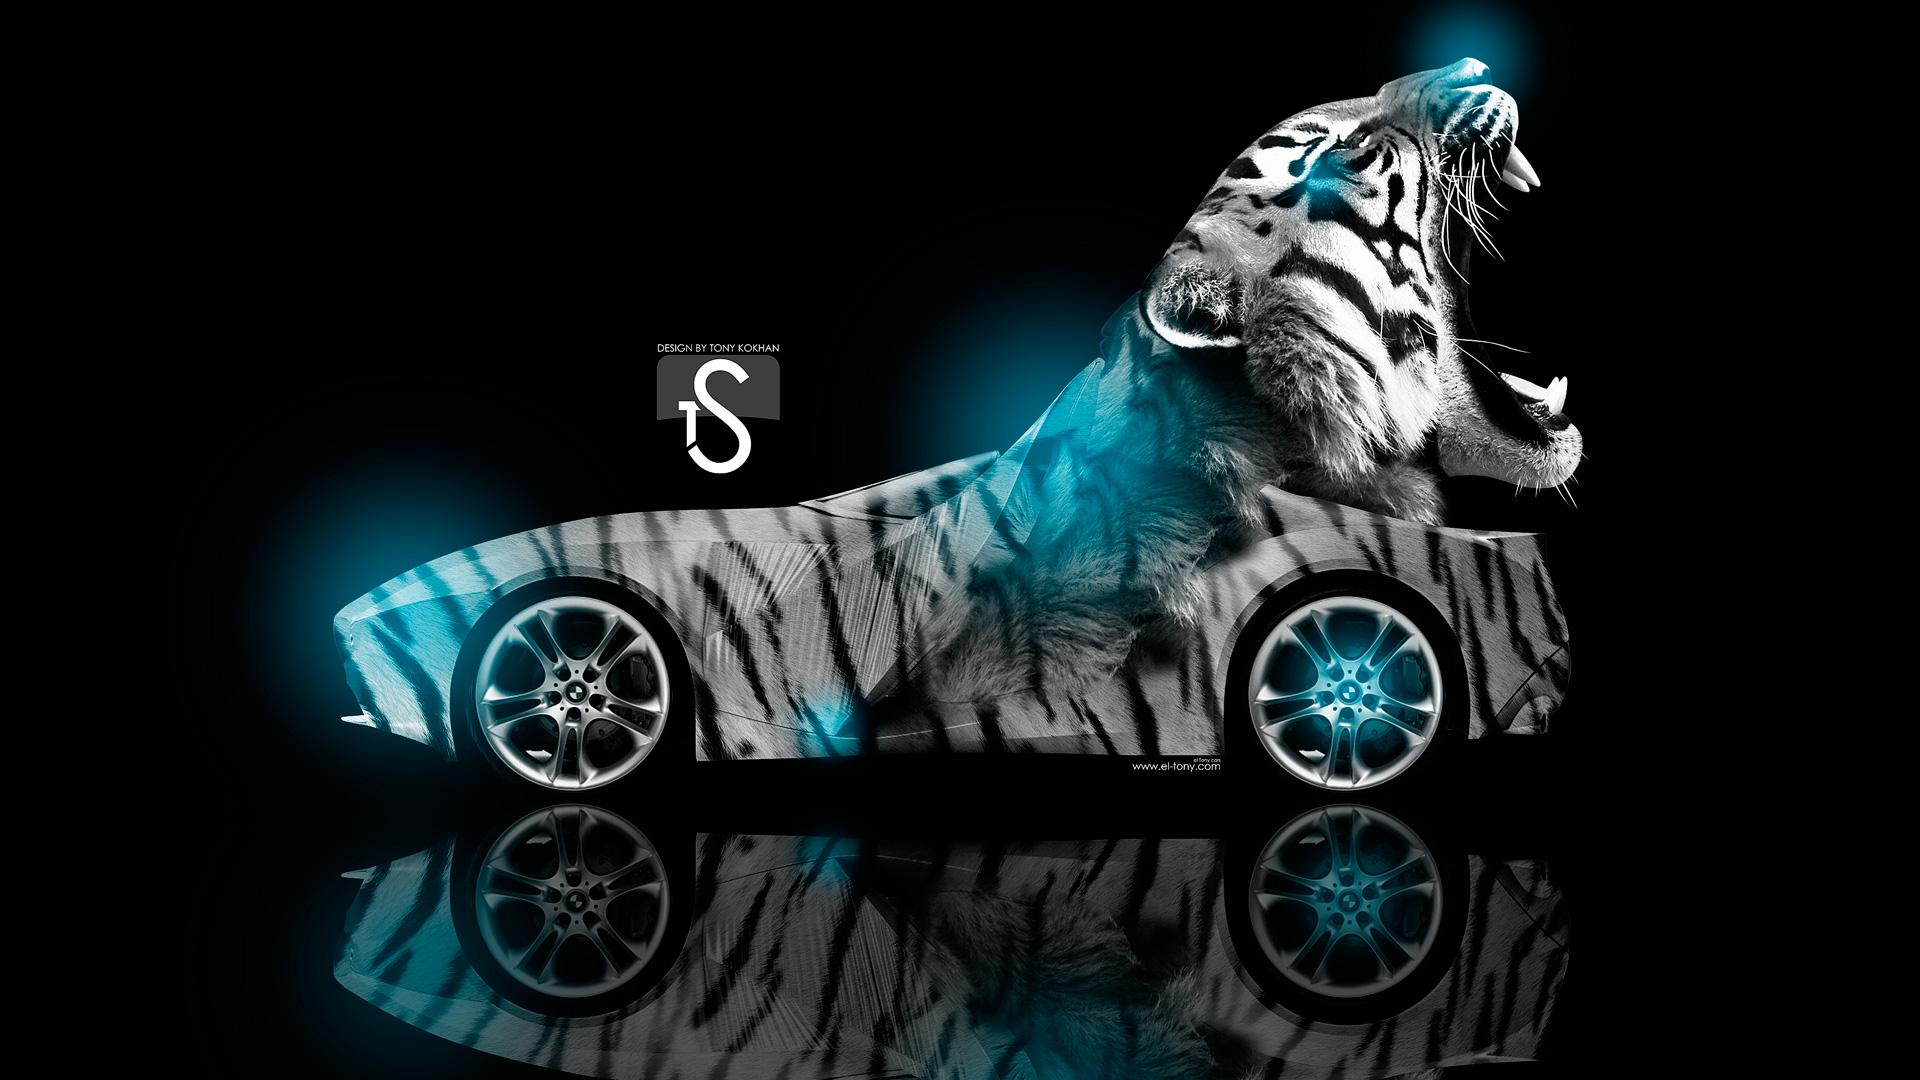 Neon Tiger Wallpaper - WallpaperSafari